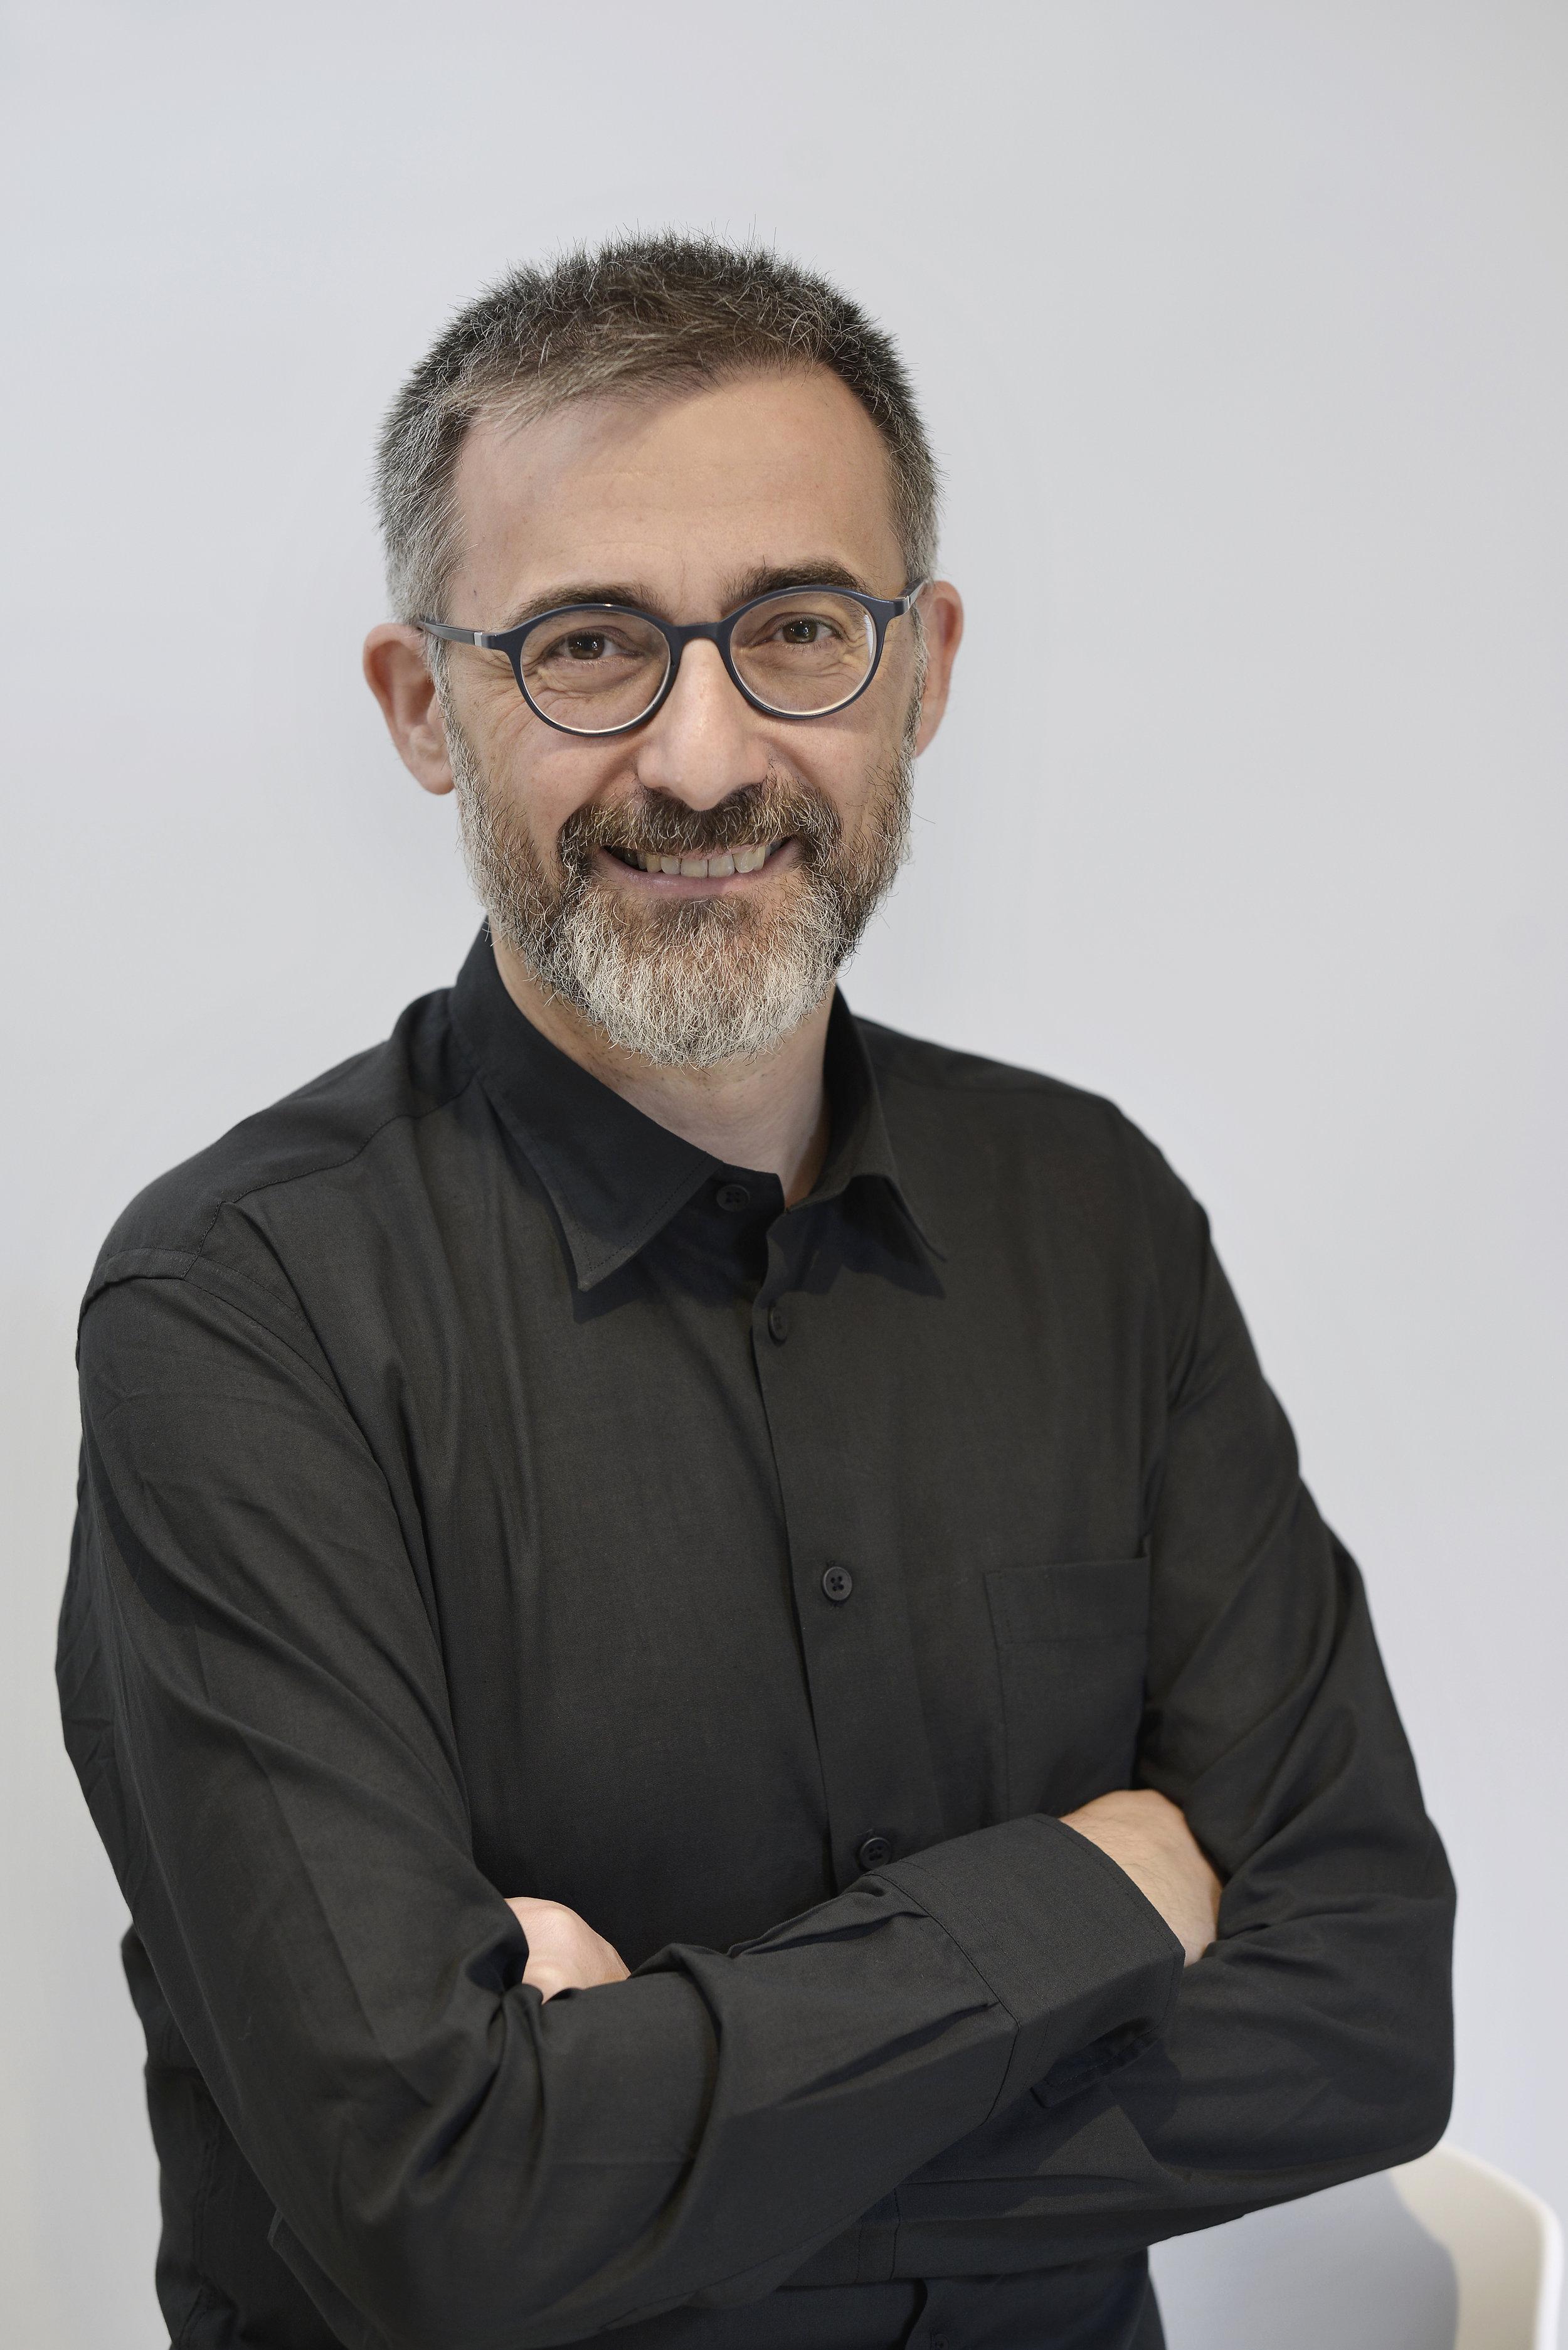 Antonio-gutierrez-rubi.jpg